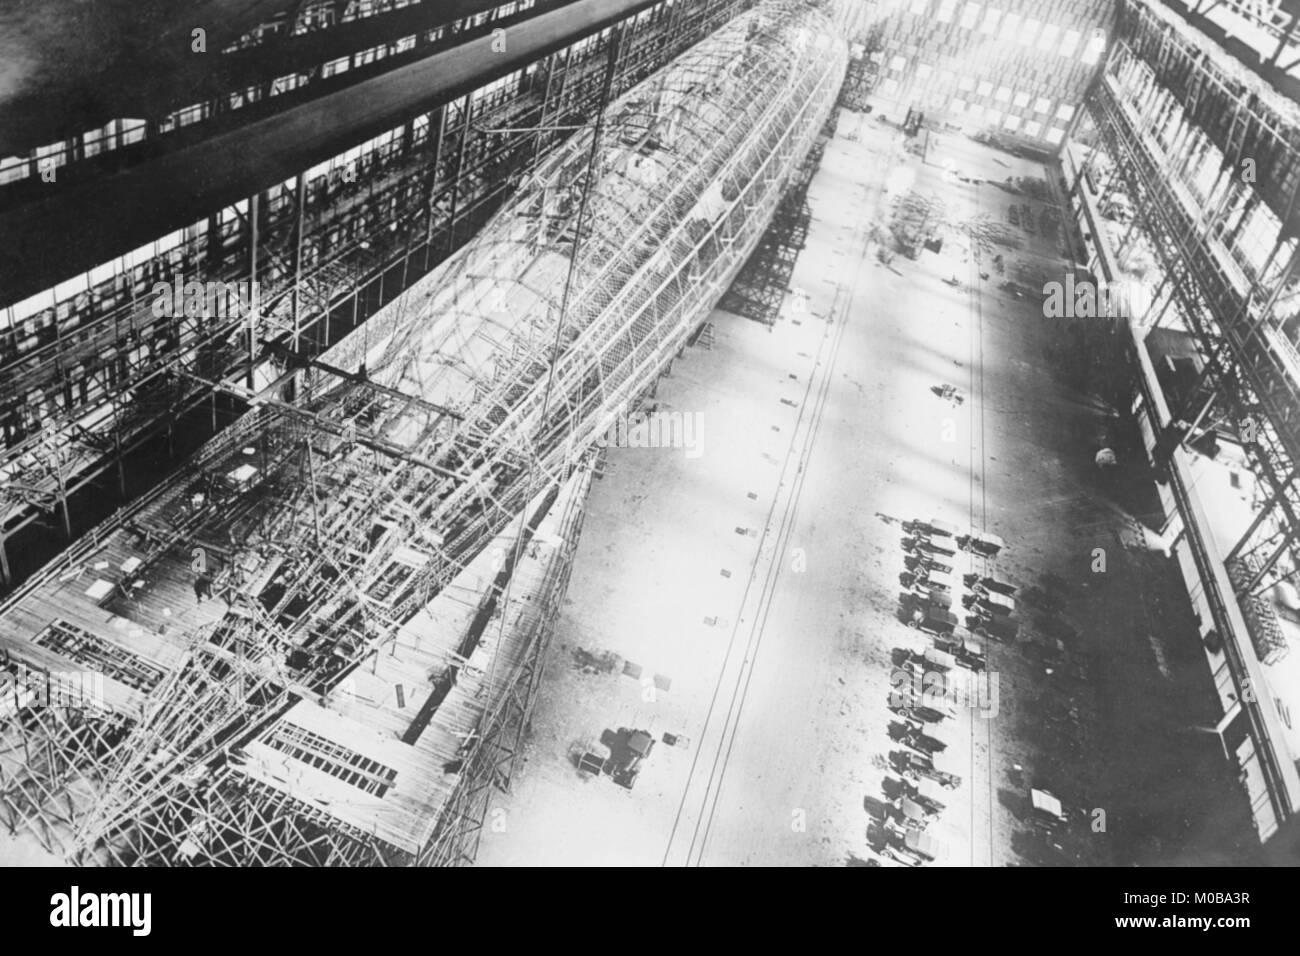 Skelett der U.S. Navy Zukuenftiges ZR-1 in der Factory Stockbild